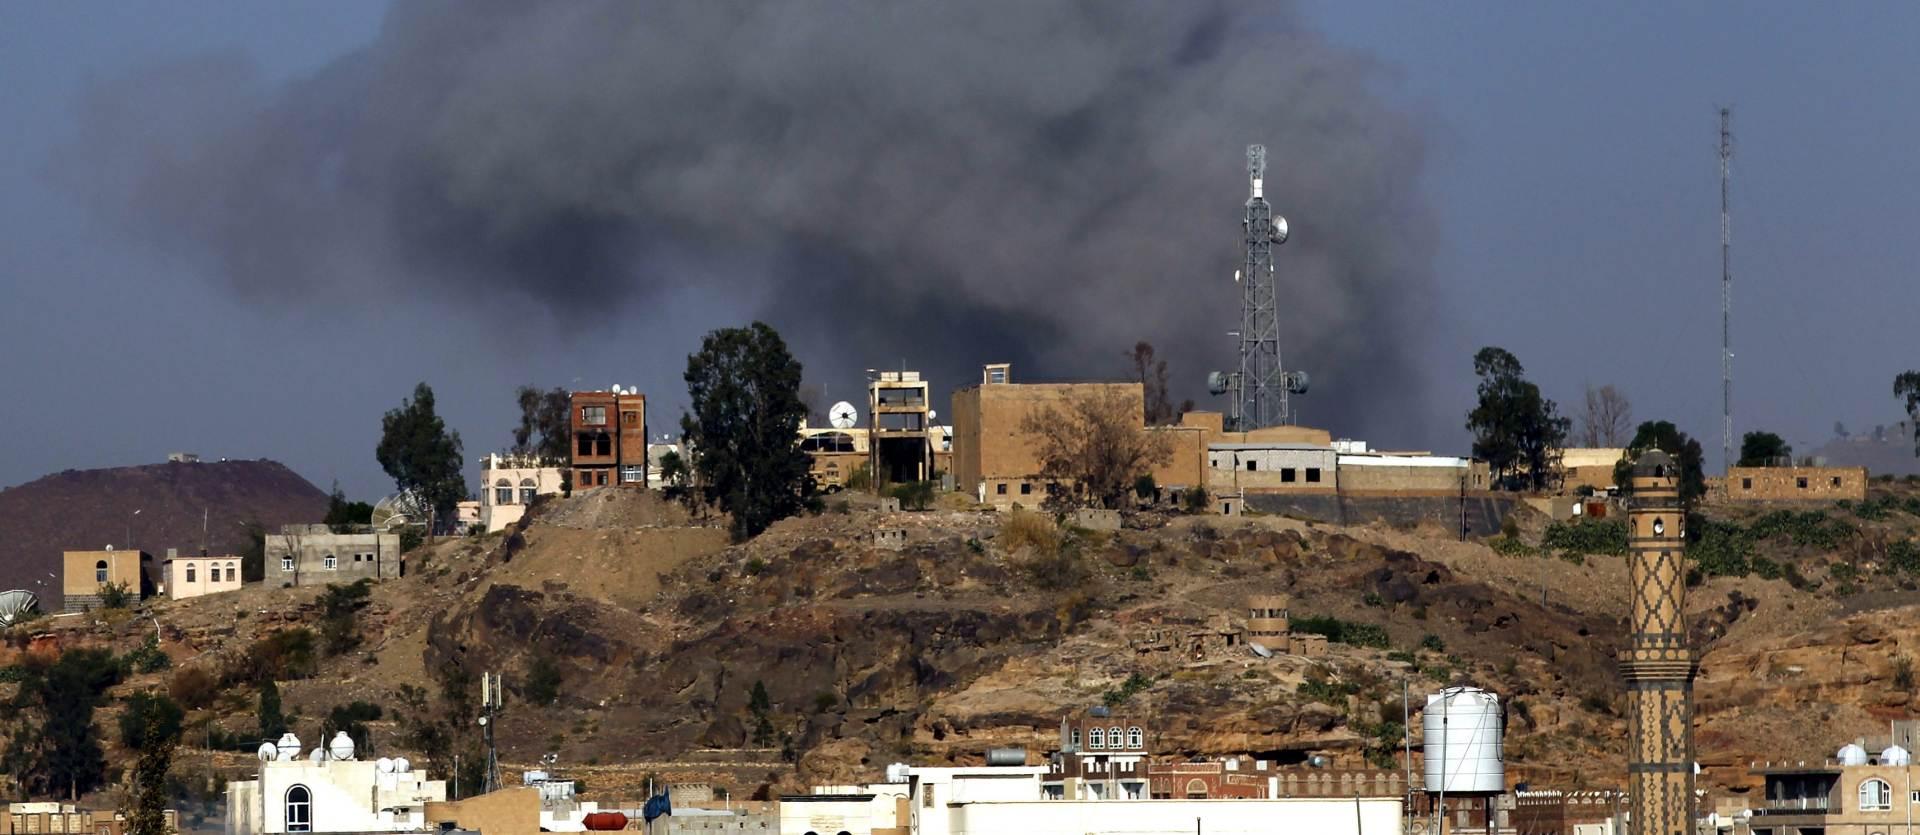 UGLAVNOM CIVILI: U zračnim napadima na hotel u Sani ubijeno 20 osoba